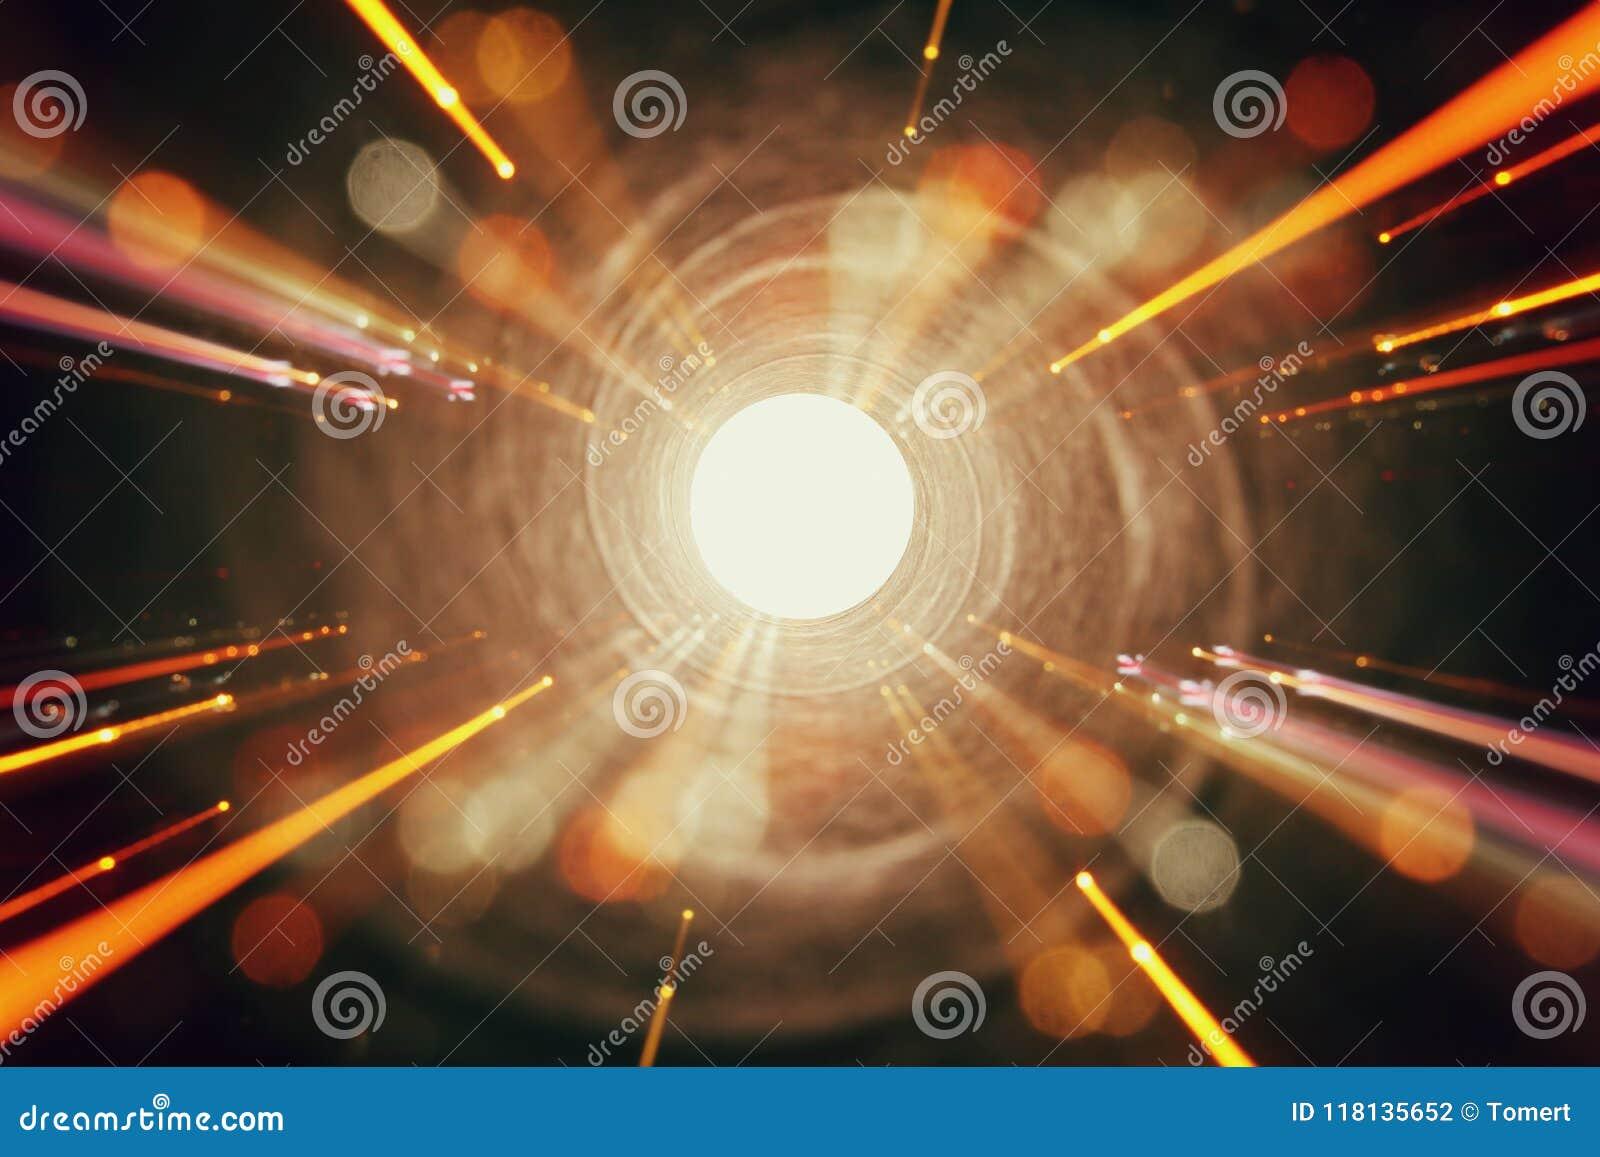 αφηρημένος φακός φλογών η εικόνα έννοιας του διαστήματος ή ο χρόνος ταξιδεύει το υπόβαθρο πέρα από τα σκοτεινά χρώματα και τα φωτ